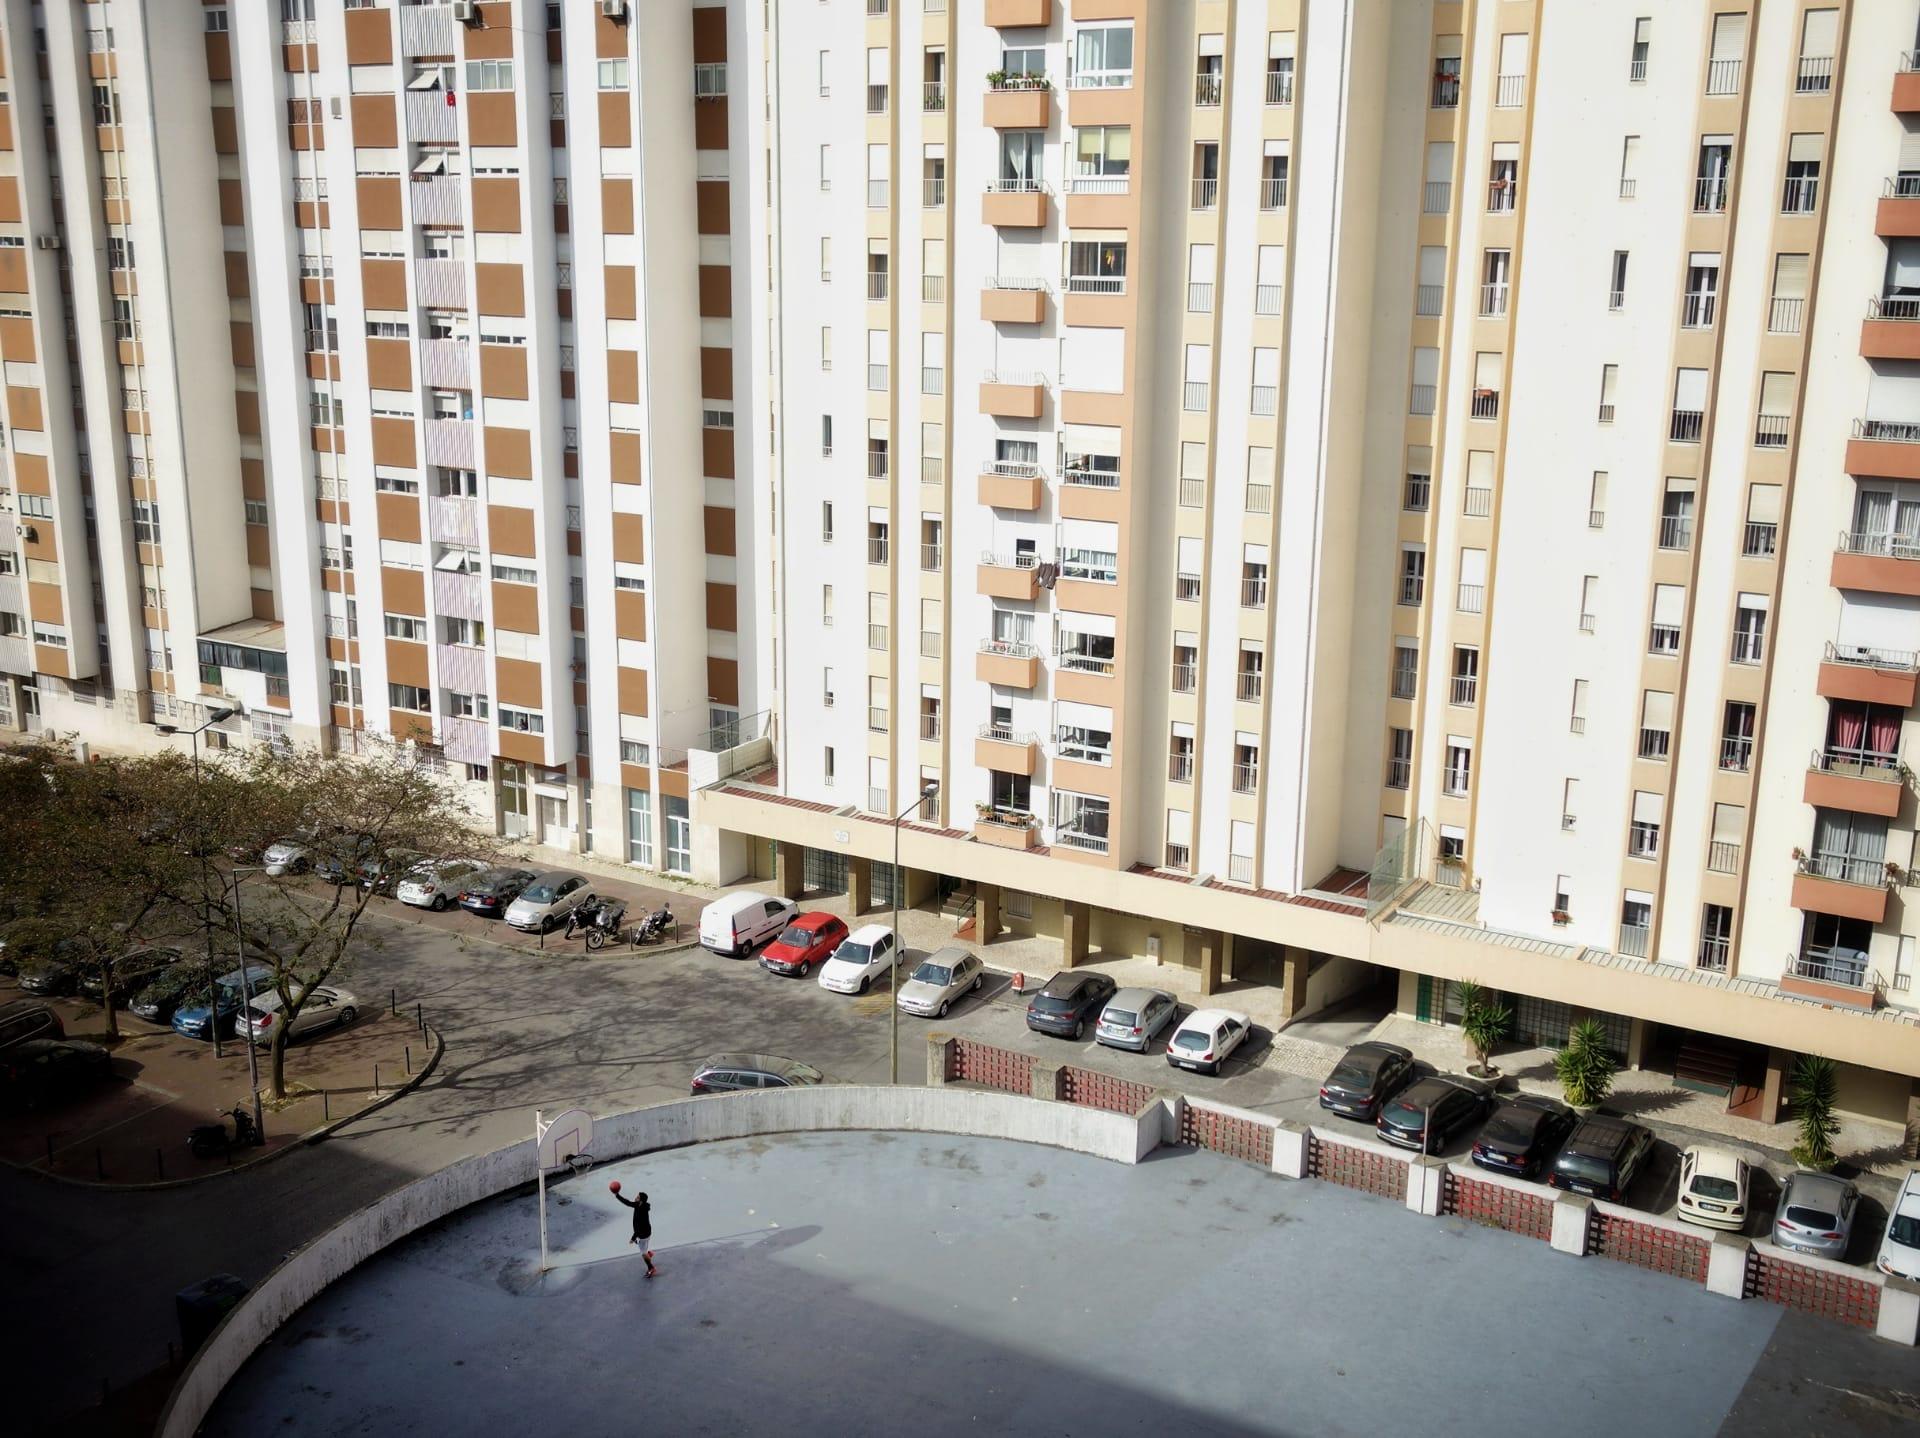 Créditos fotográficos: João Almeida/DR